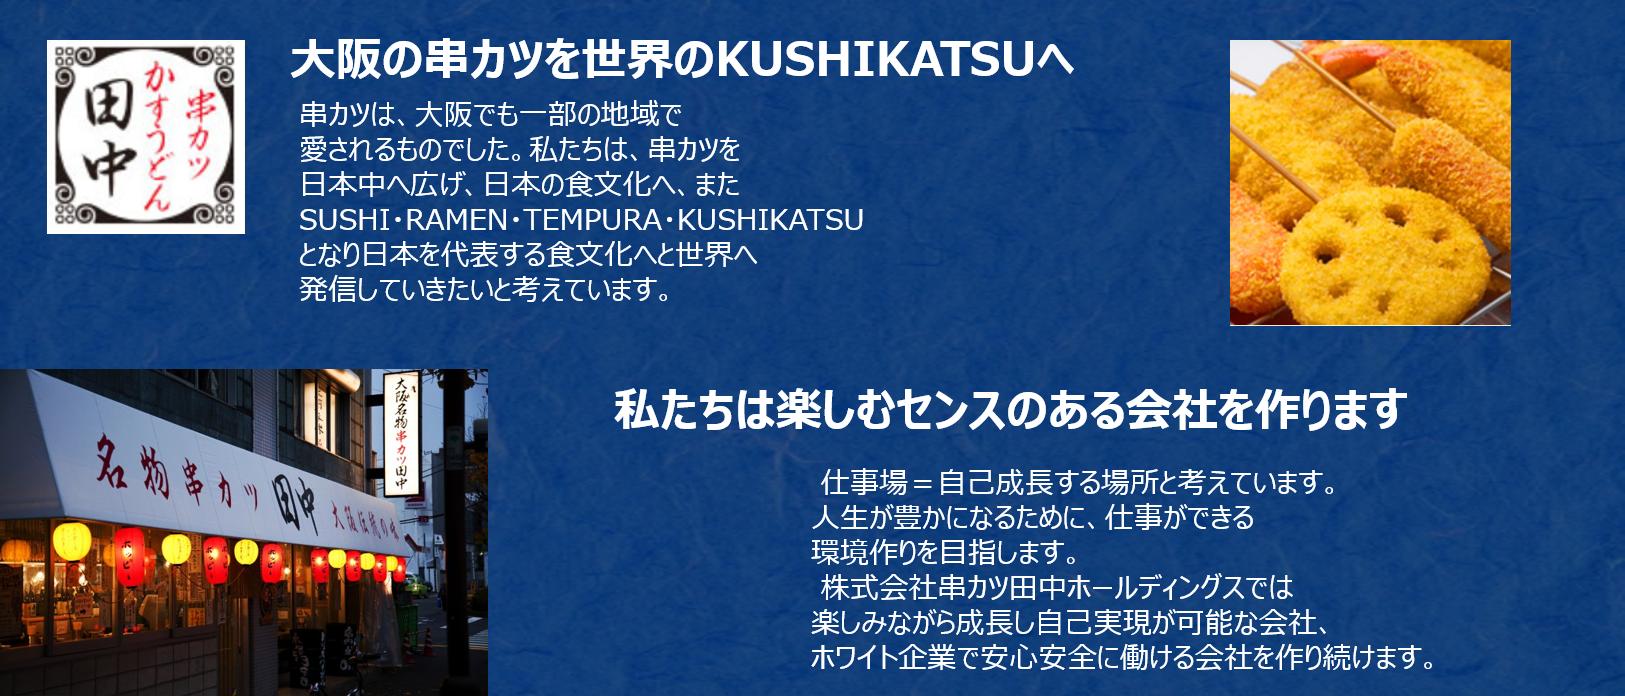 初回お試し無料!串カツ田中貫社長の講演が聞きたいからはコチラをチェック